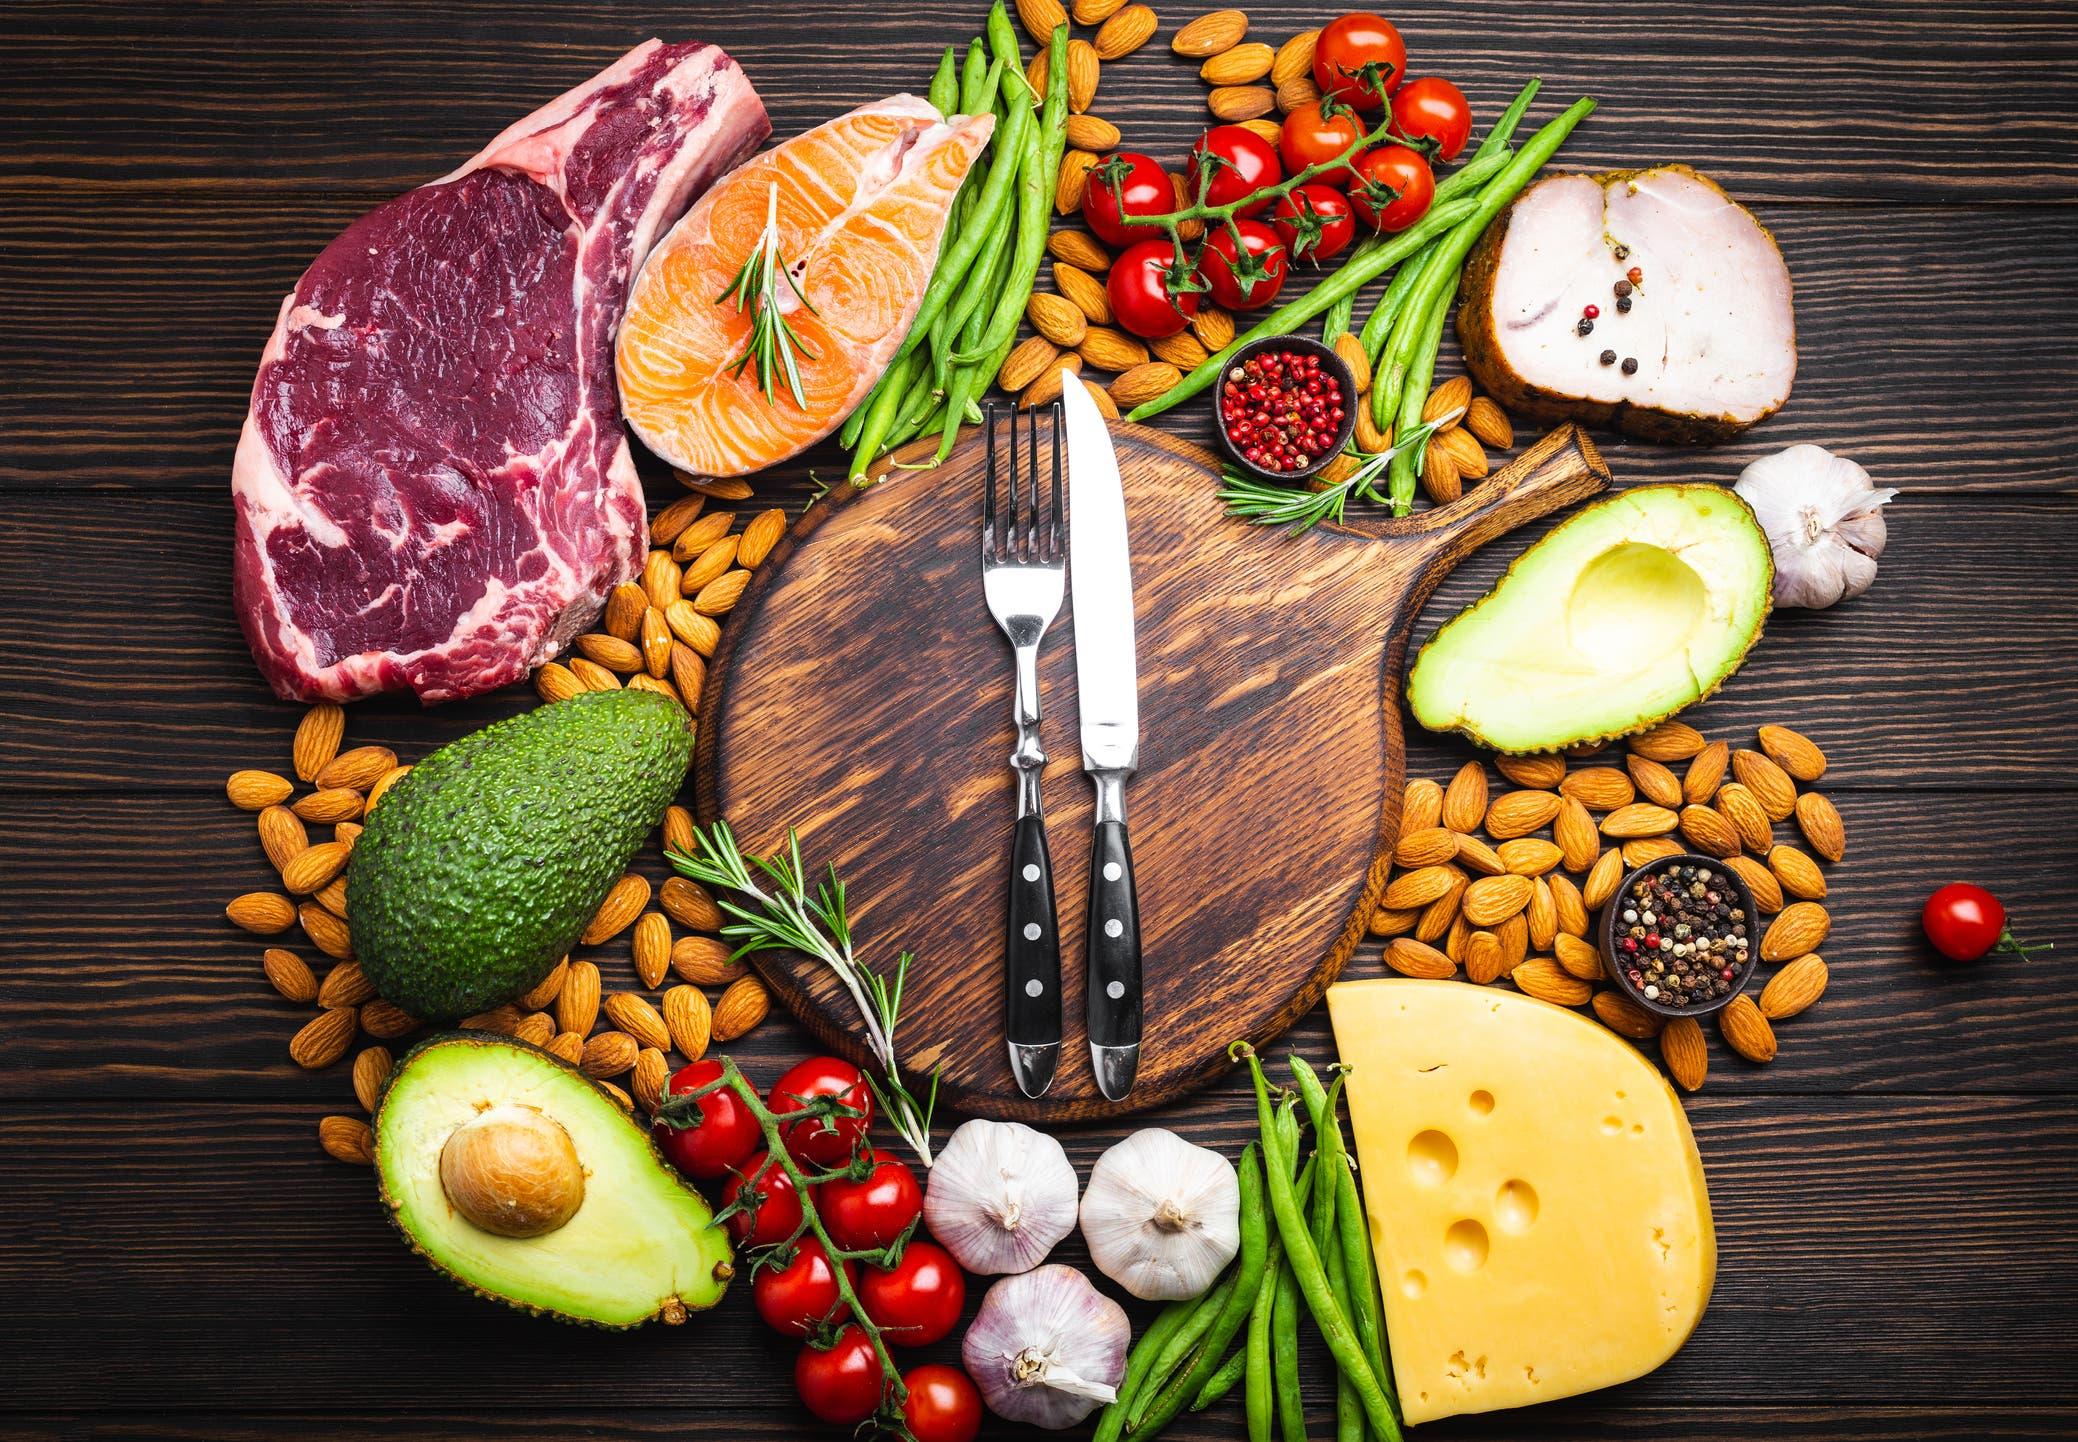 نظام الكيتو الغذائي (تعبيرية)